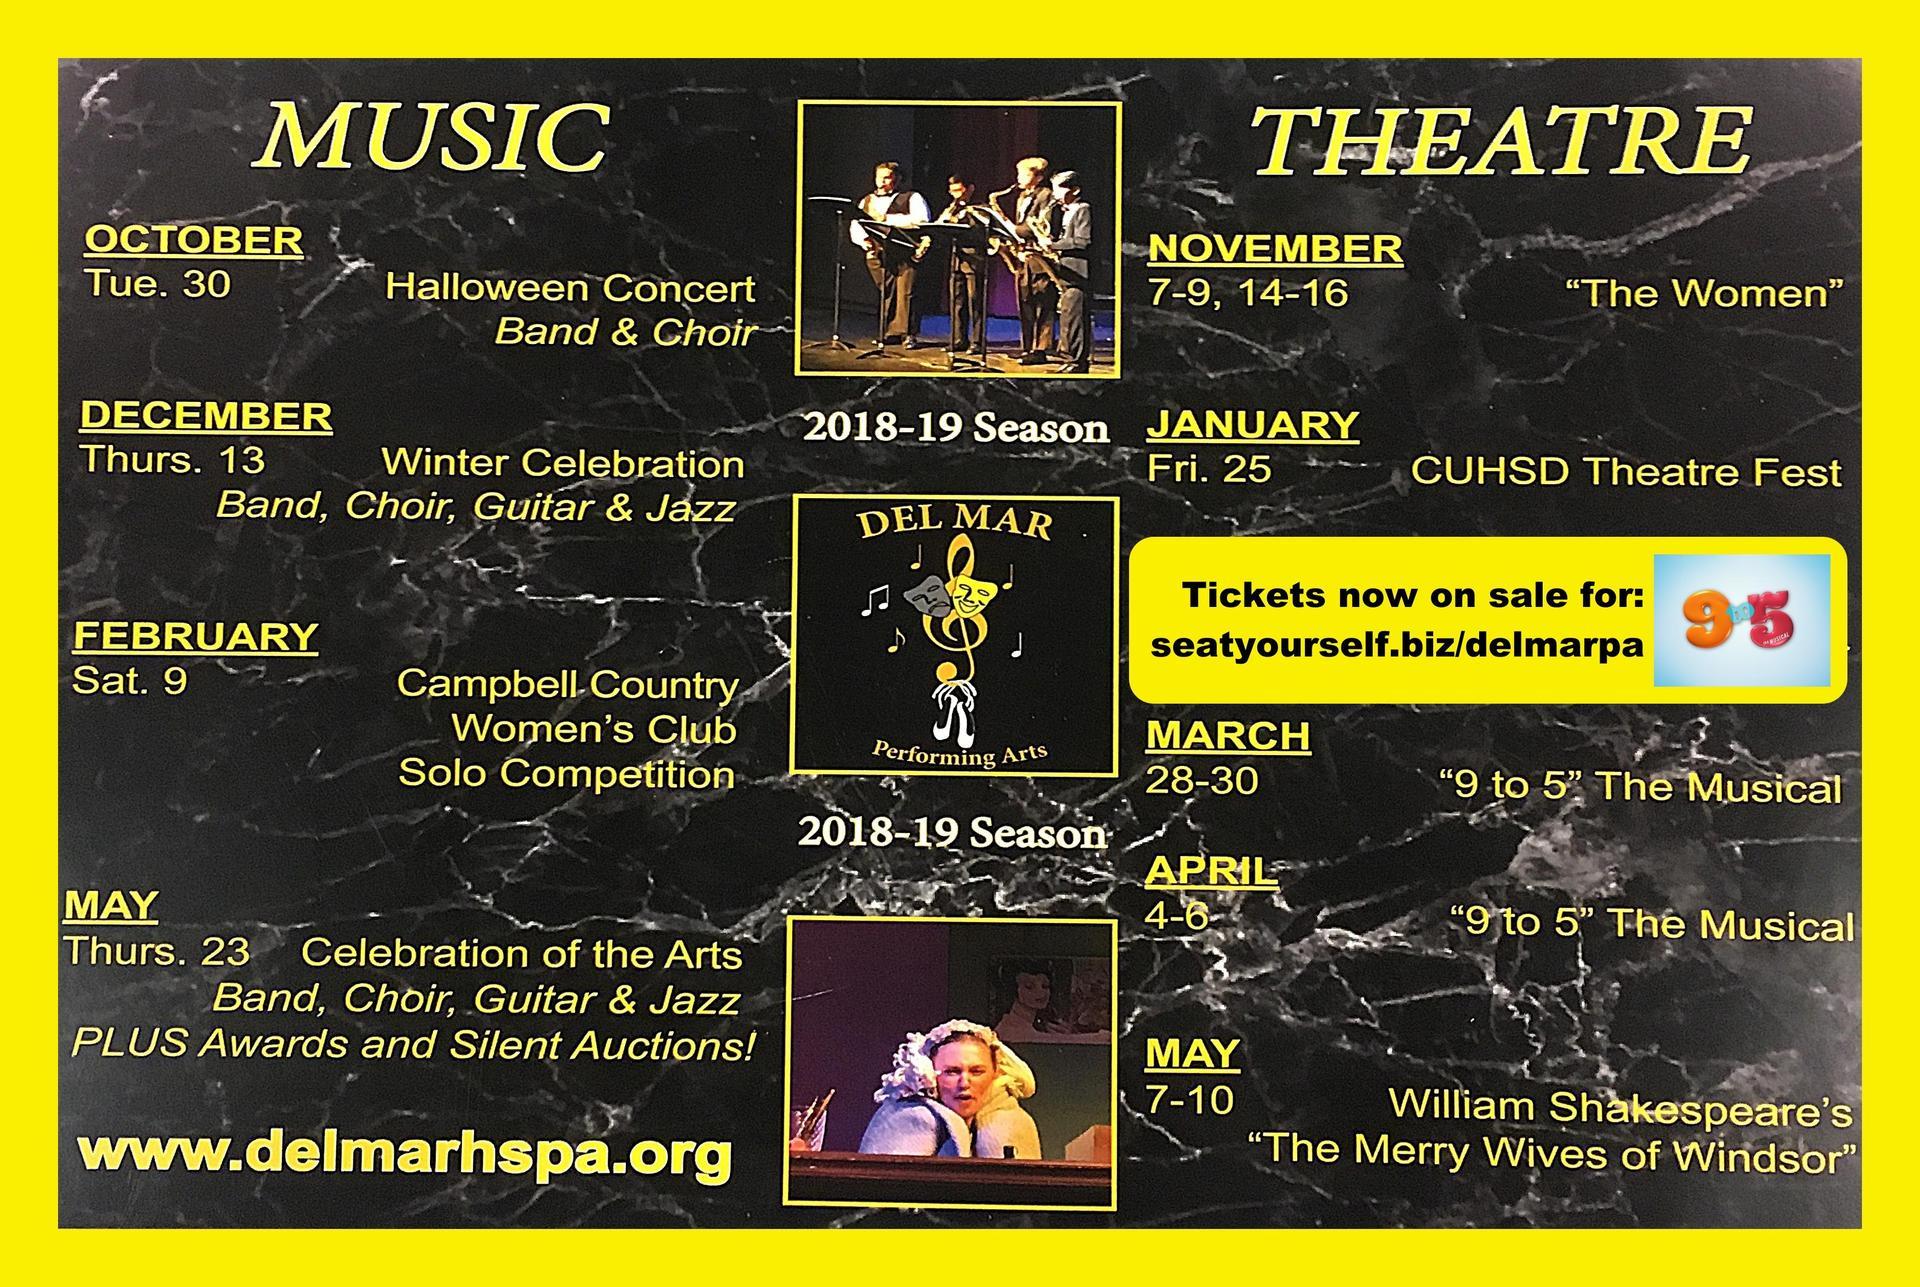 Image of Del Mar Performing Arts Schedule 2018-19